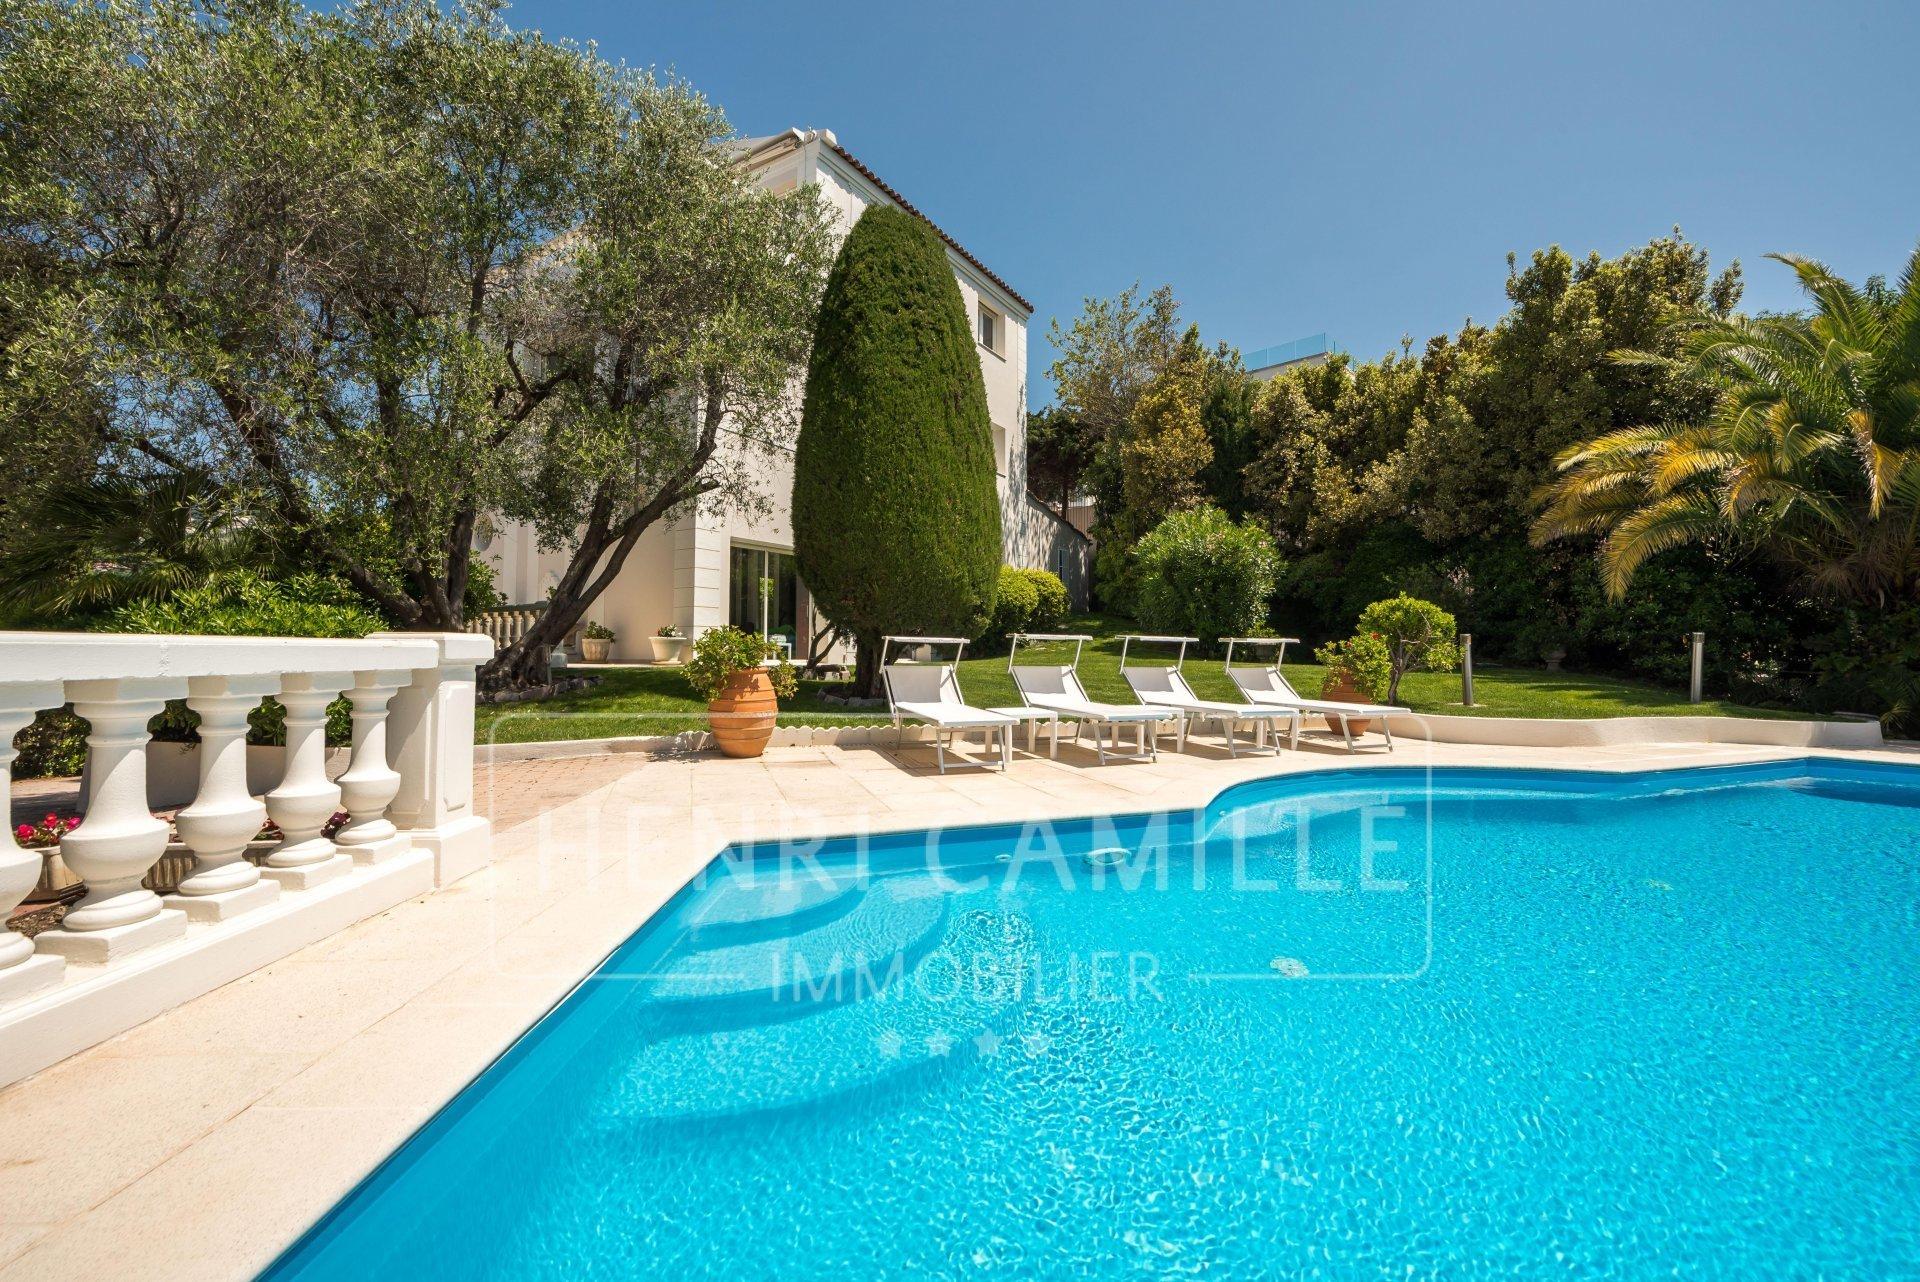 Villa in Cannes, Provence-Alpes-Côte d'Azur, France 1 - 10670977